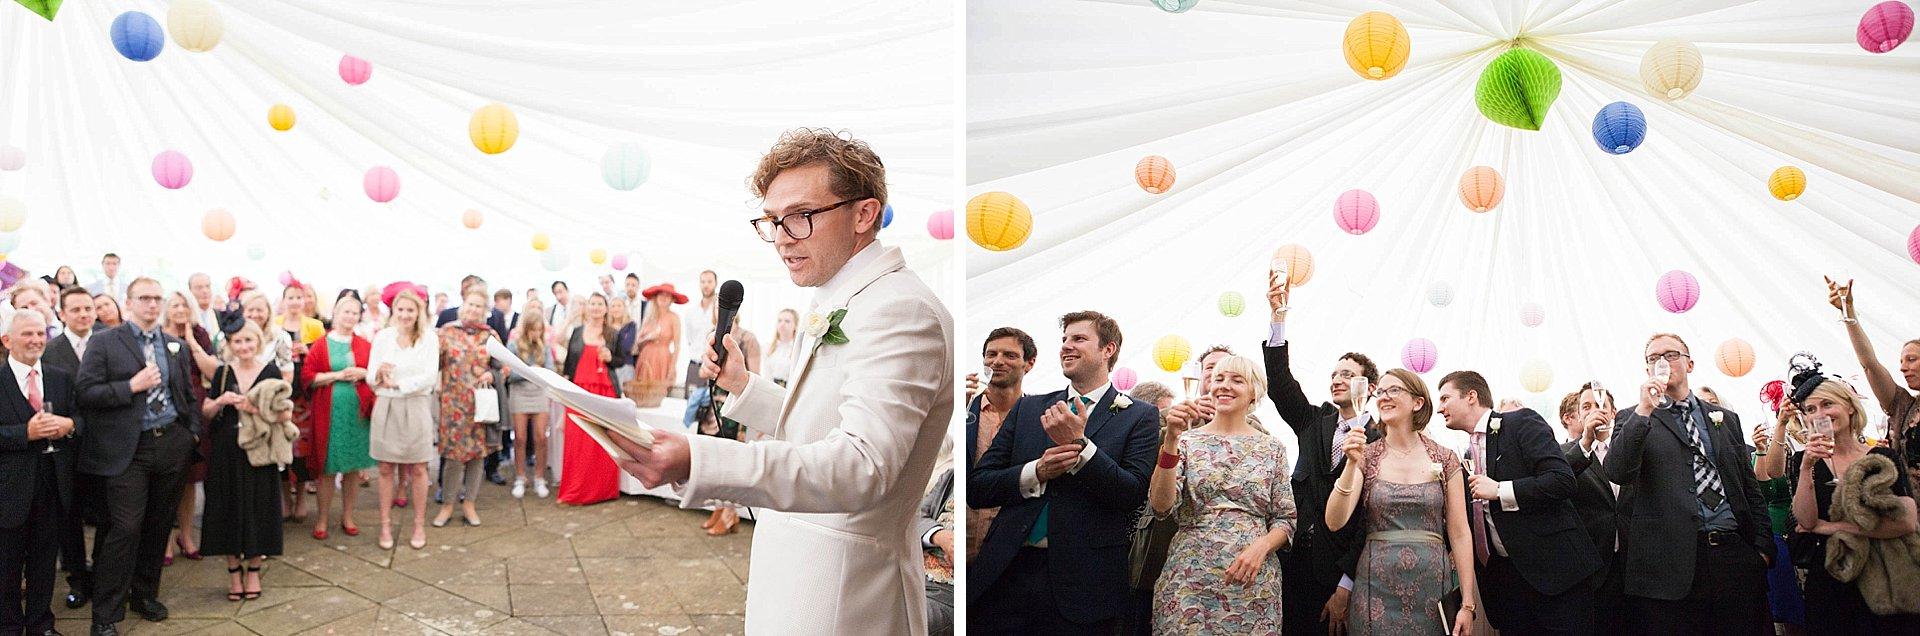 The speeches at Poundon Wedding